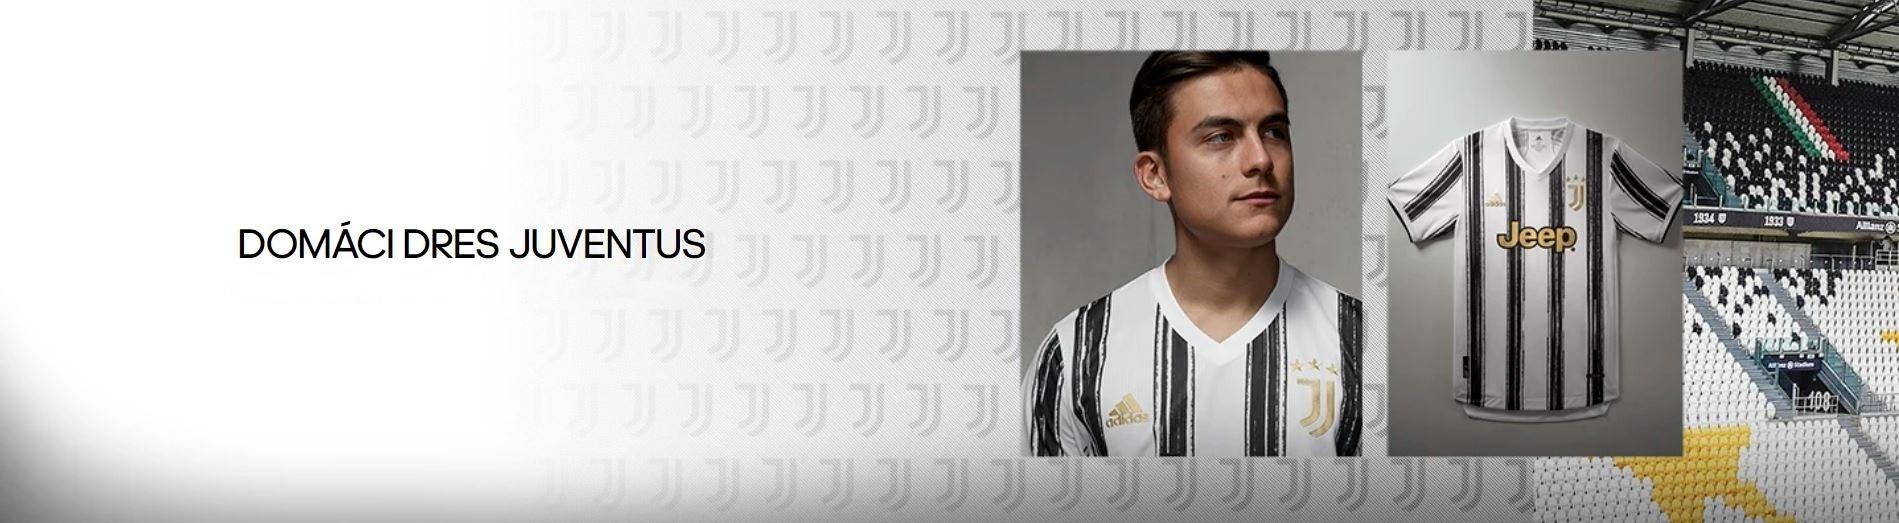 Juventus domáci dres 2020/21